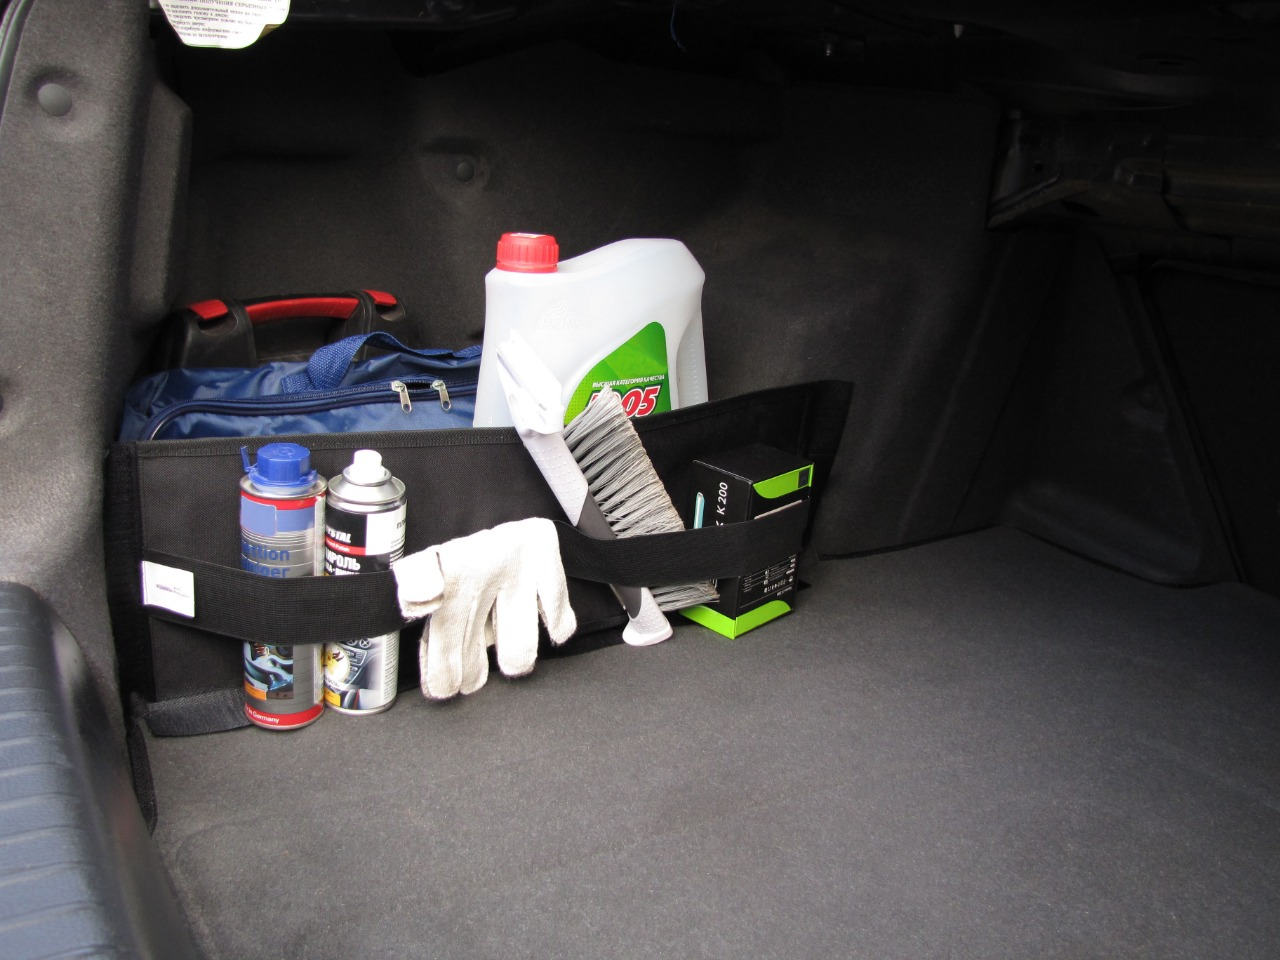 Сетка для ниш в багажник автомобиля AvtoPoryadok